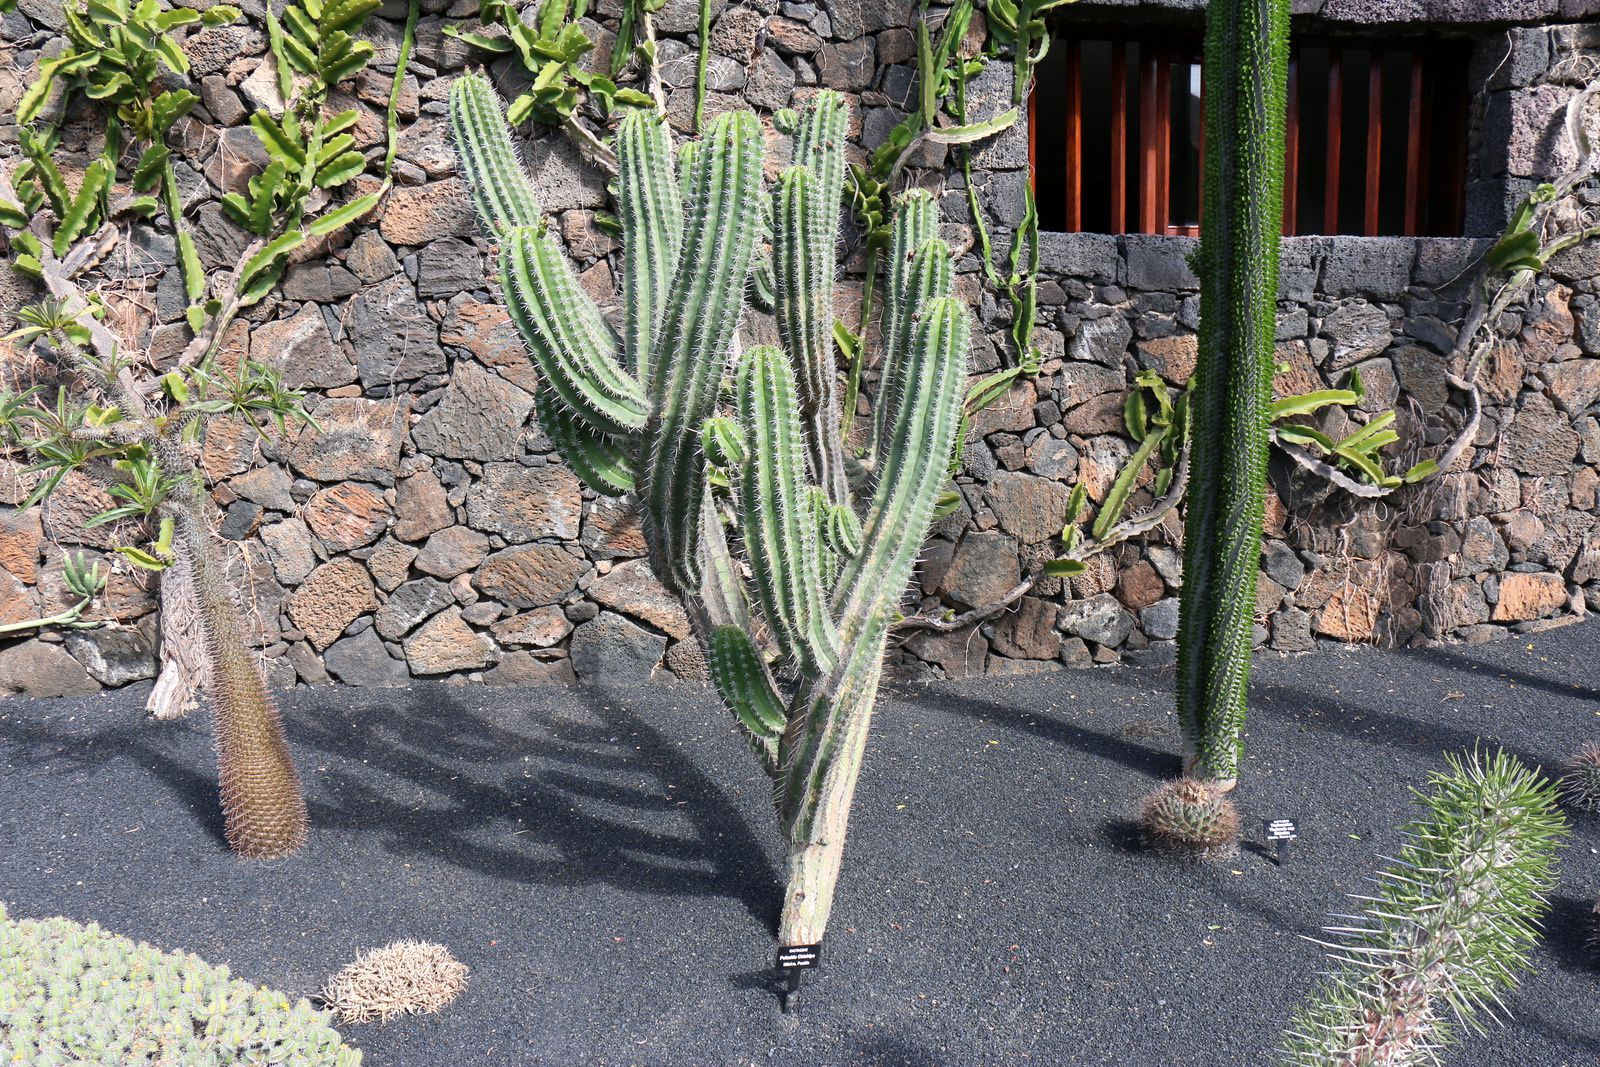 Polaskia Chichipe, Alluandia Procera, Jardin de Cactus